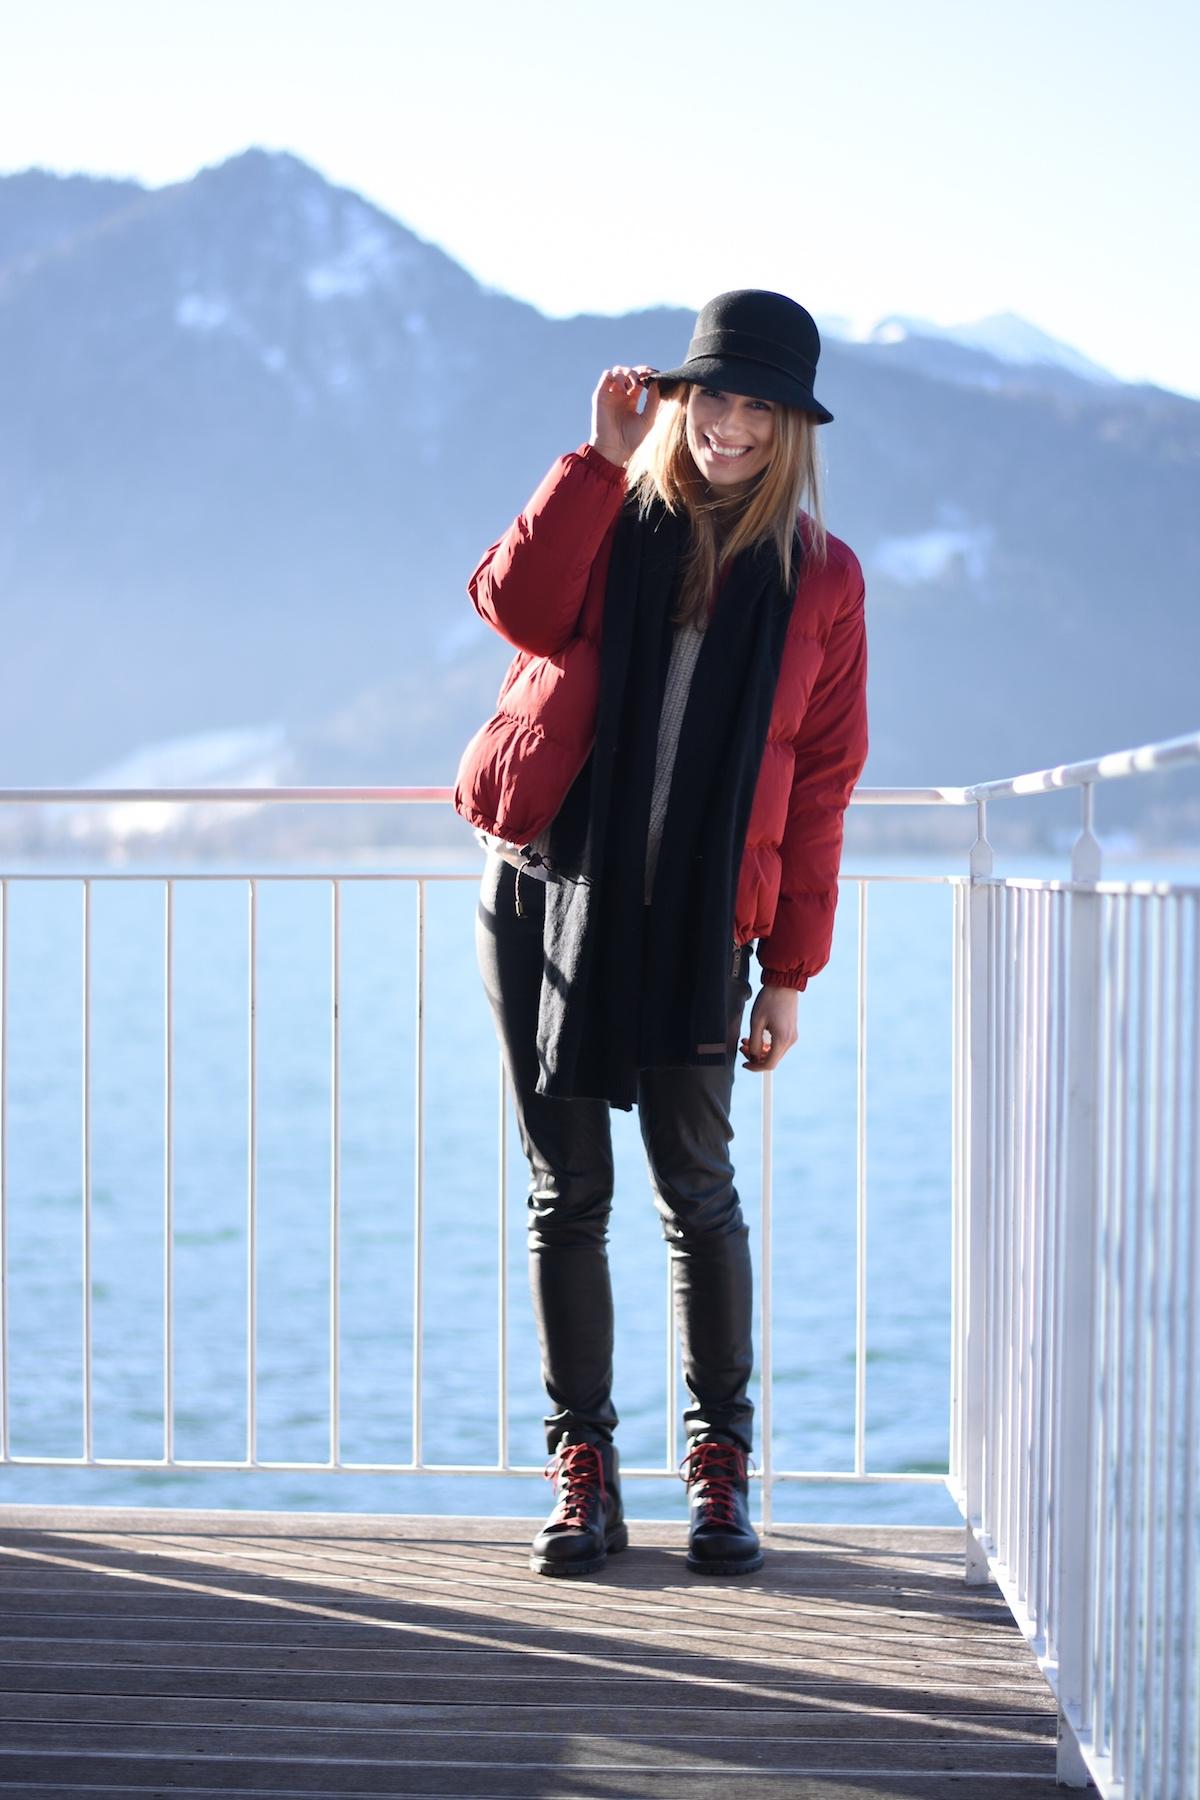 Chic & Schlittentauglich - Ein Winterschuh für alle Fälle + Outfit, Susanna lächelt im winterlichen Look